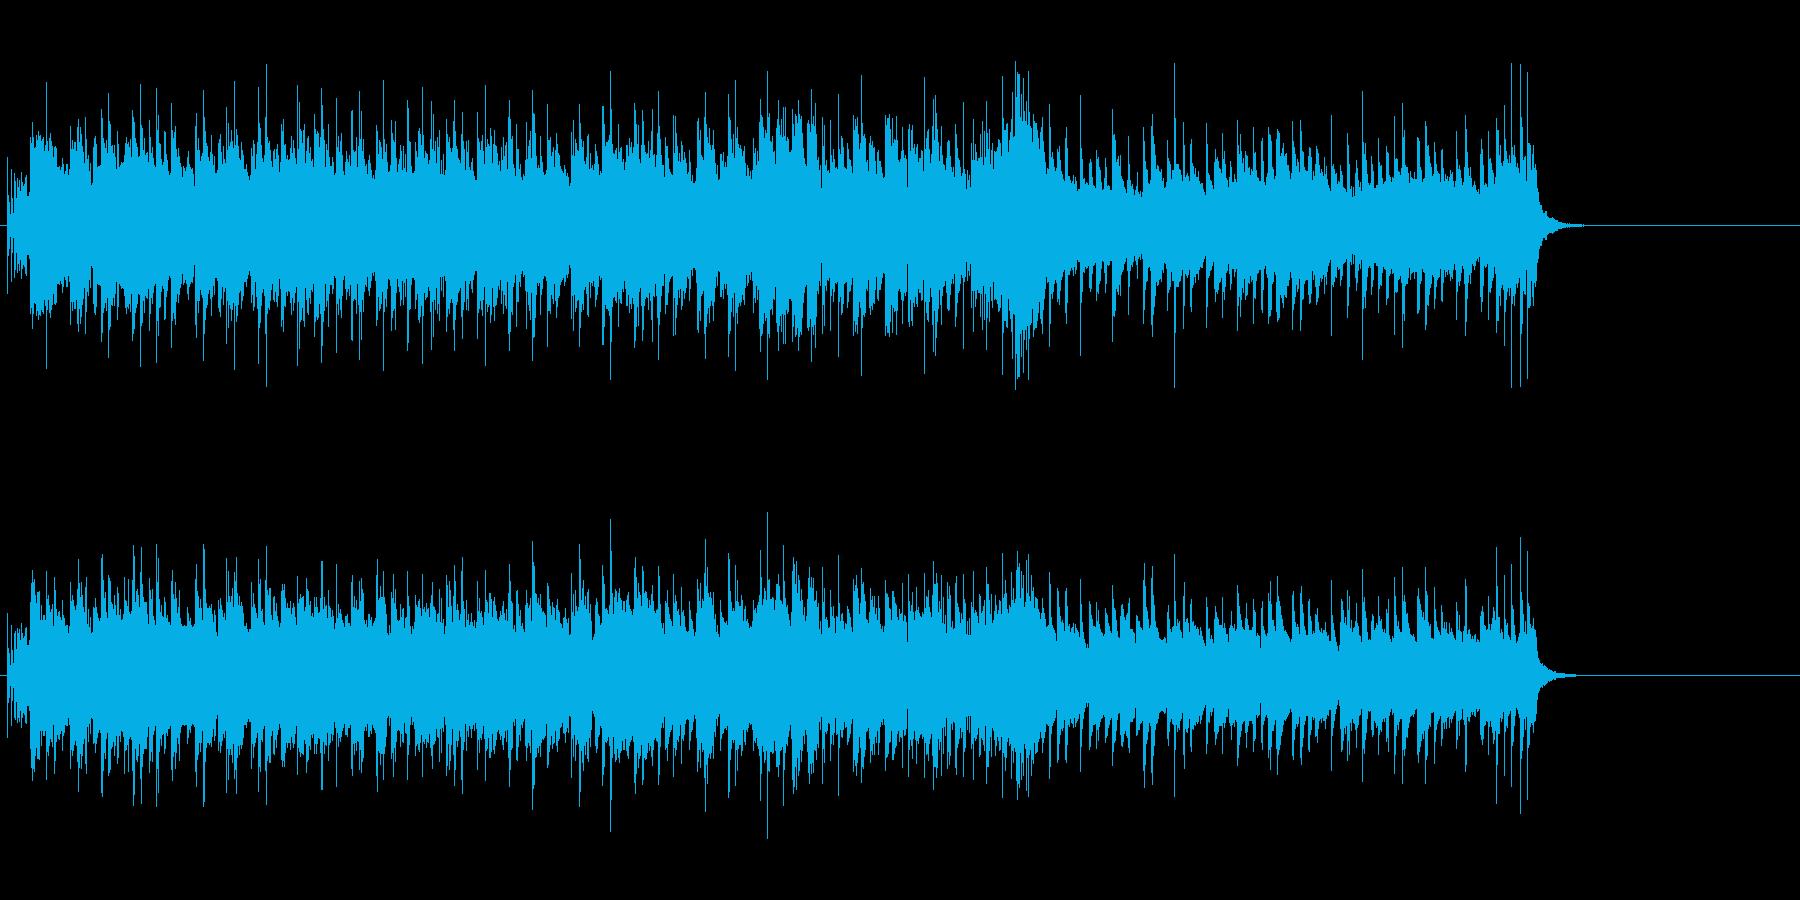 ダイナミックなニューミュージックの再生済みの波形